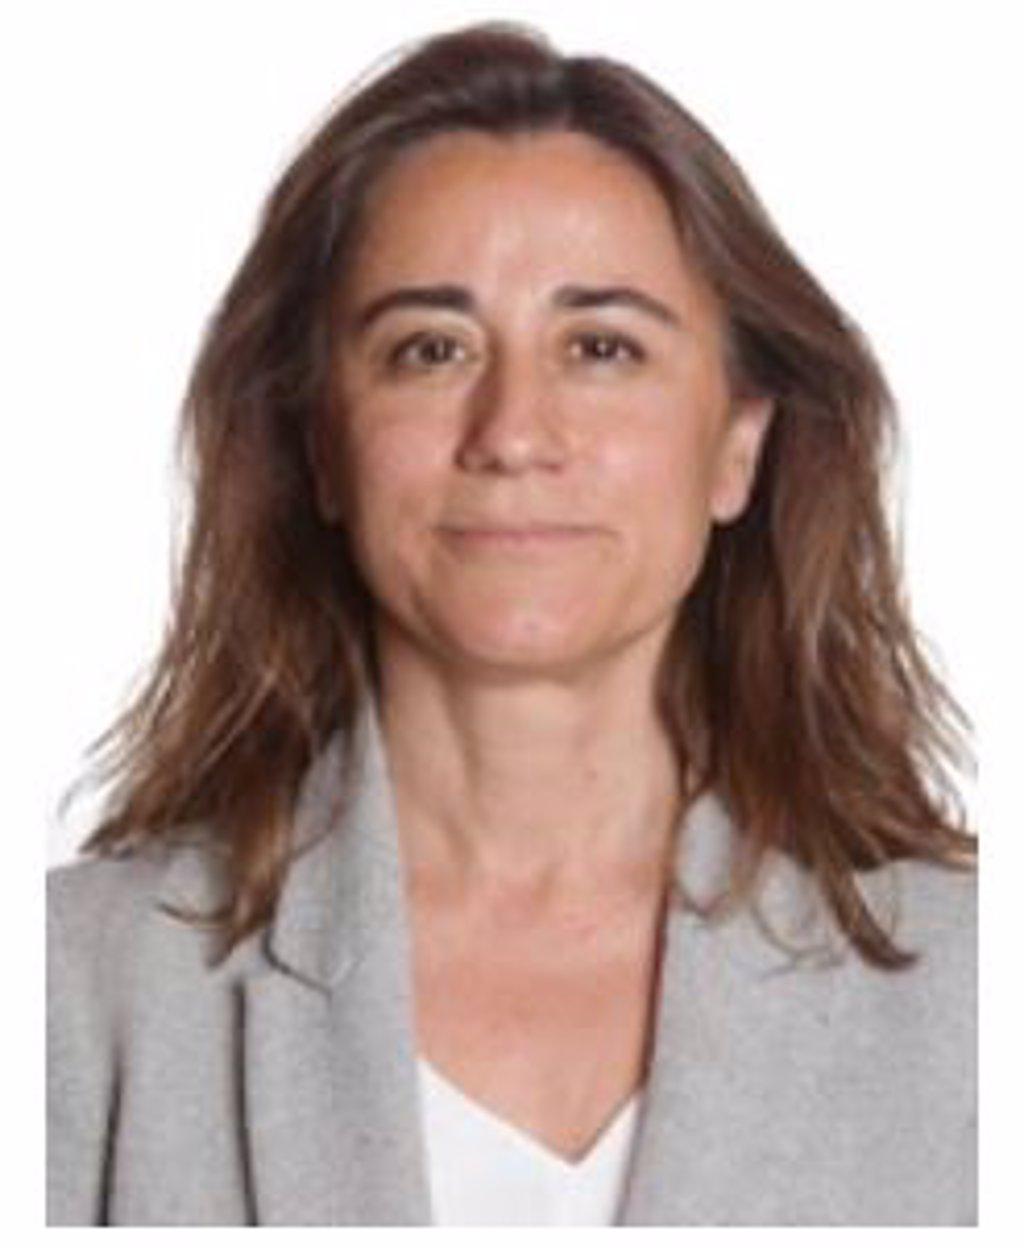 La directora de gabinete de Calviño dejará Economía y dirigirá la oficina comercial en Milán en próximos meses